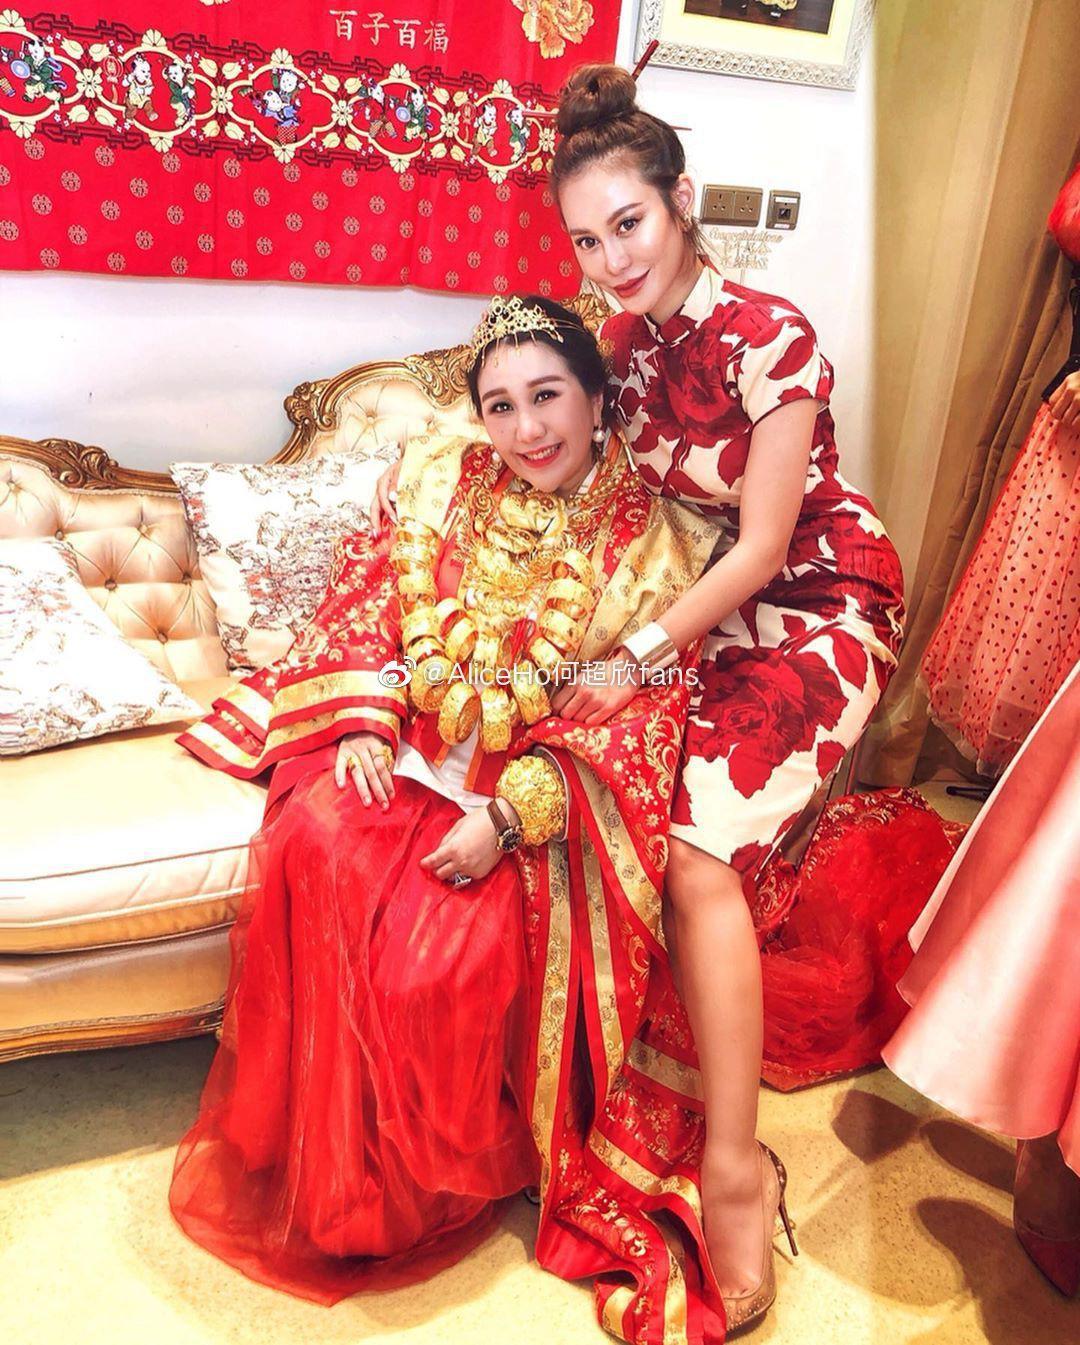 Chuyên nhà siêu giàu: Hoa mắt giá trên trời của hồi môn châu báu, biệt thự siêu sang của ái nữ trùm sòng bạc Macau - Ảnh 1.